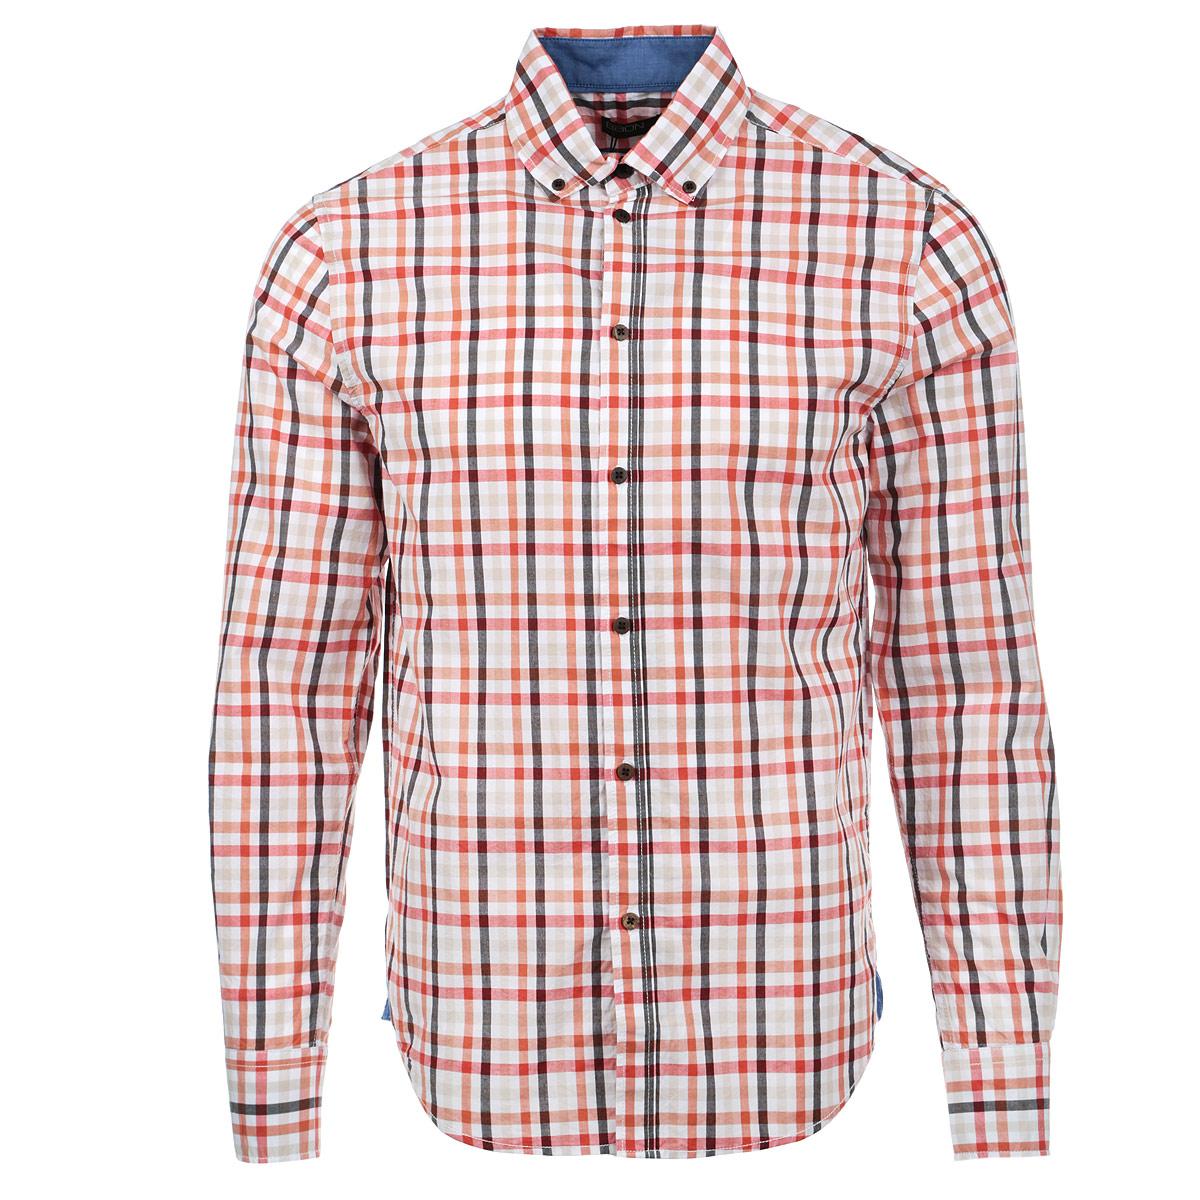 Рубашка мужская. B665001B665001Стильная мужская рубашка Baon, выполненная из высококачественного материала, обладает высокой теплопроводностью, воздухопроницаемостью и гигроскопичностью, позволяет коже дышать, тем самым обеспечивая наибольший комфорт при носке даже самым жарким летом. Рубашка прямого кроя с длинными рукавами, полукруглым низом, отложным воротником застегивается на пуговицы. Такая рубашка будет дарить вам комфорт в течение всего дня и послужит замечательным дополнением к вашему гардеробу.